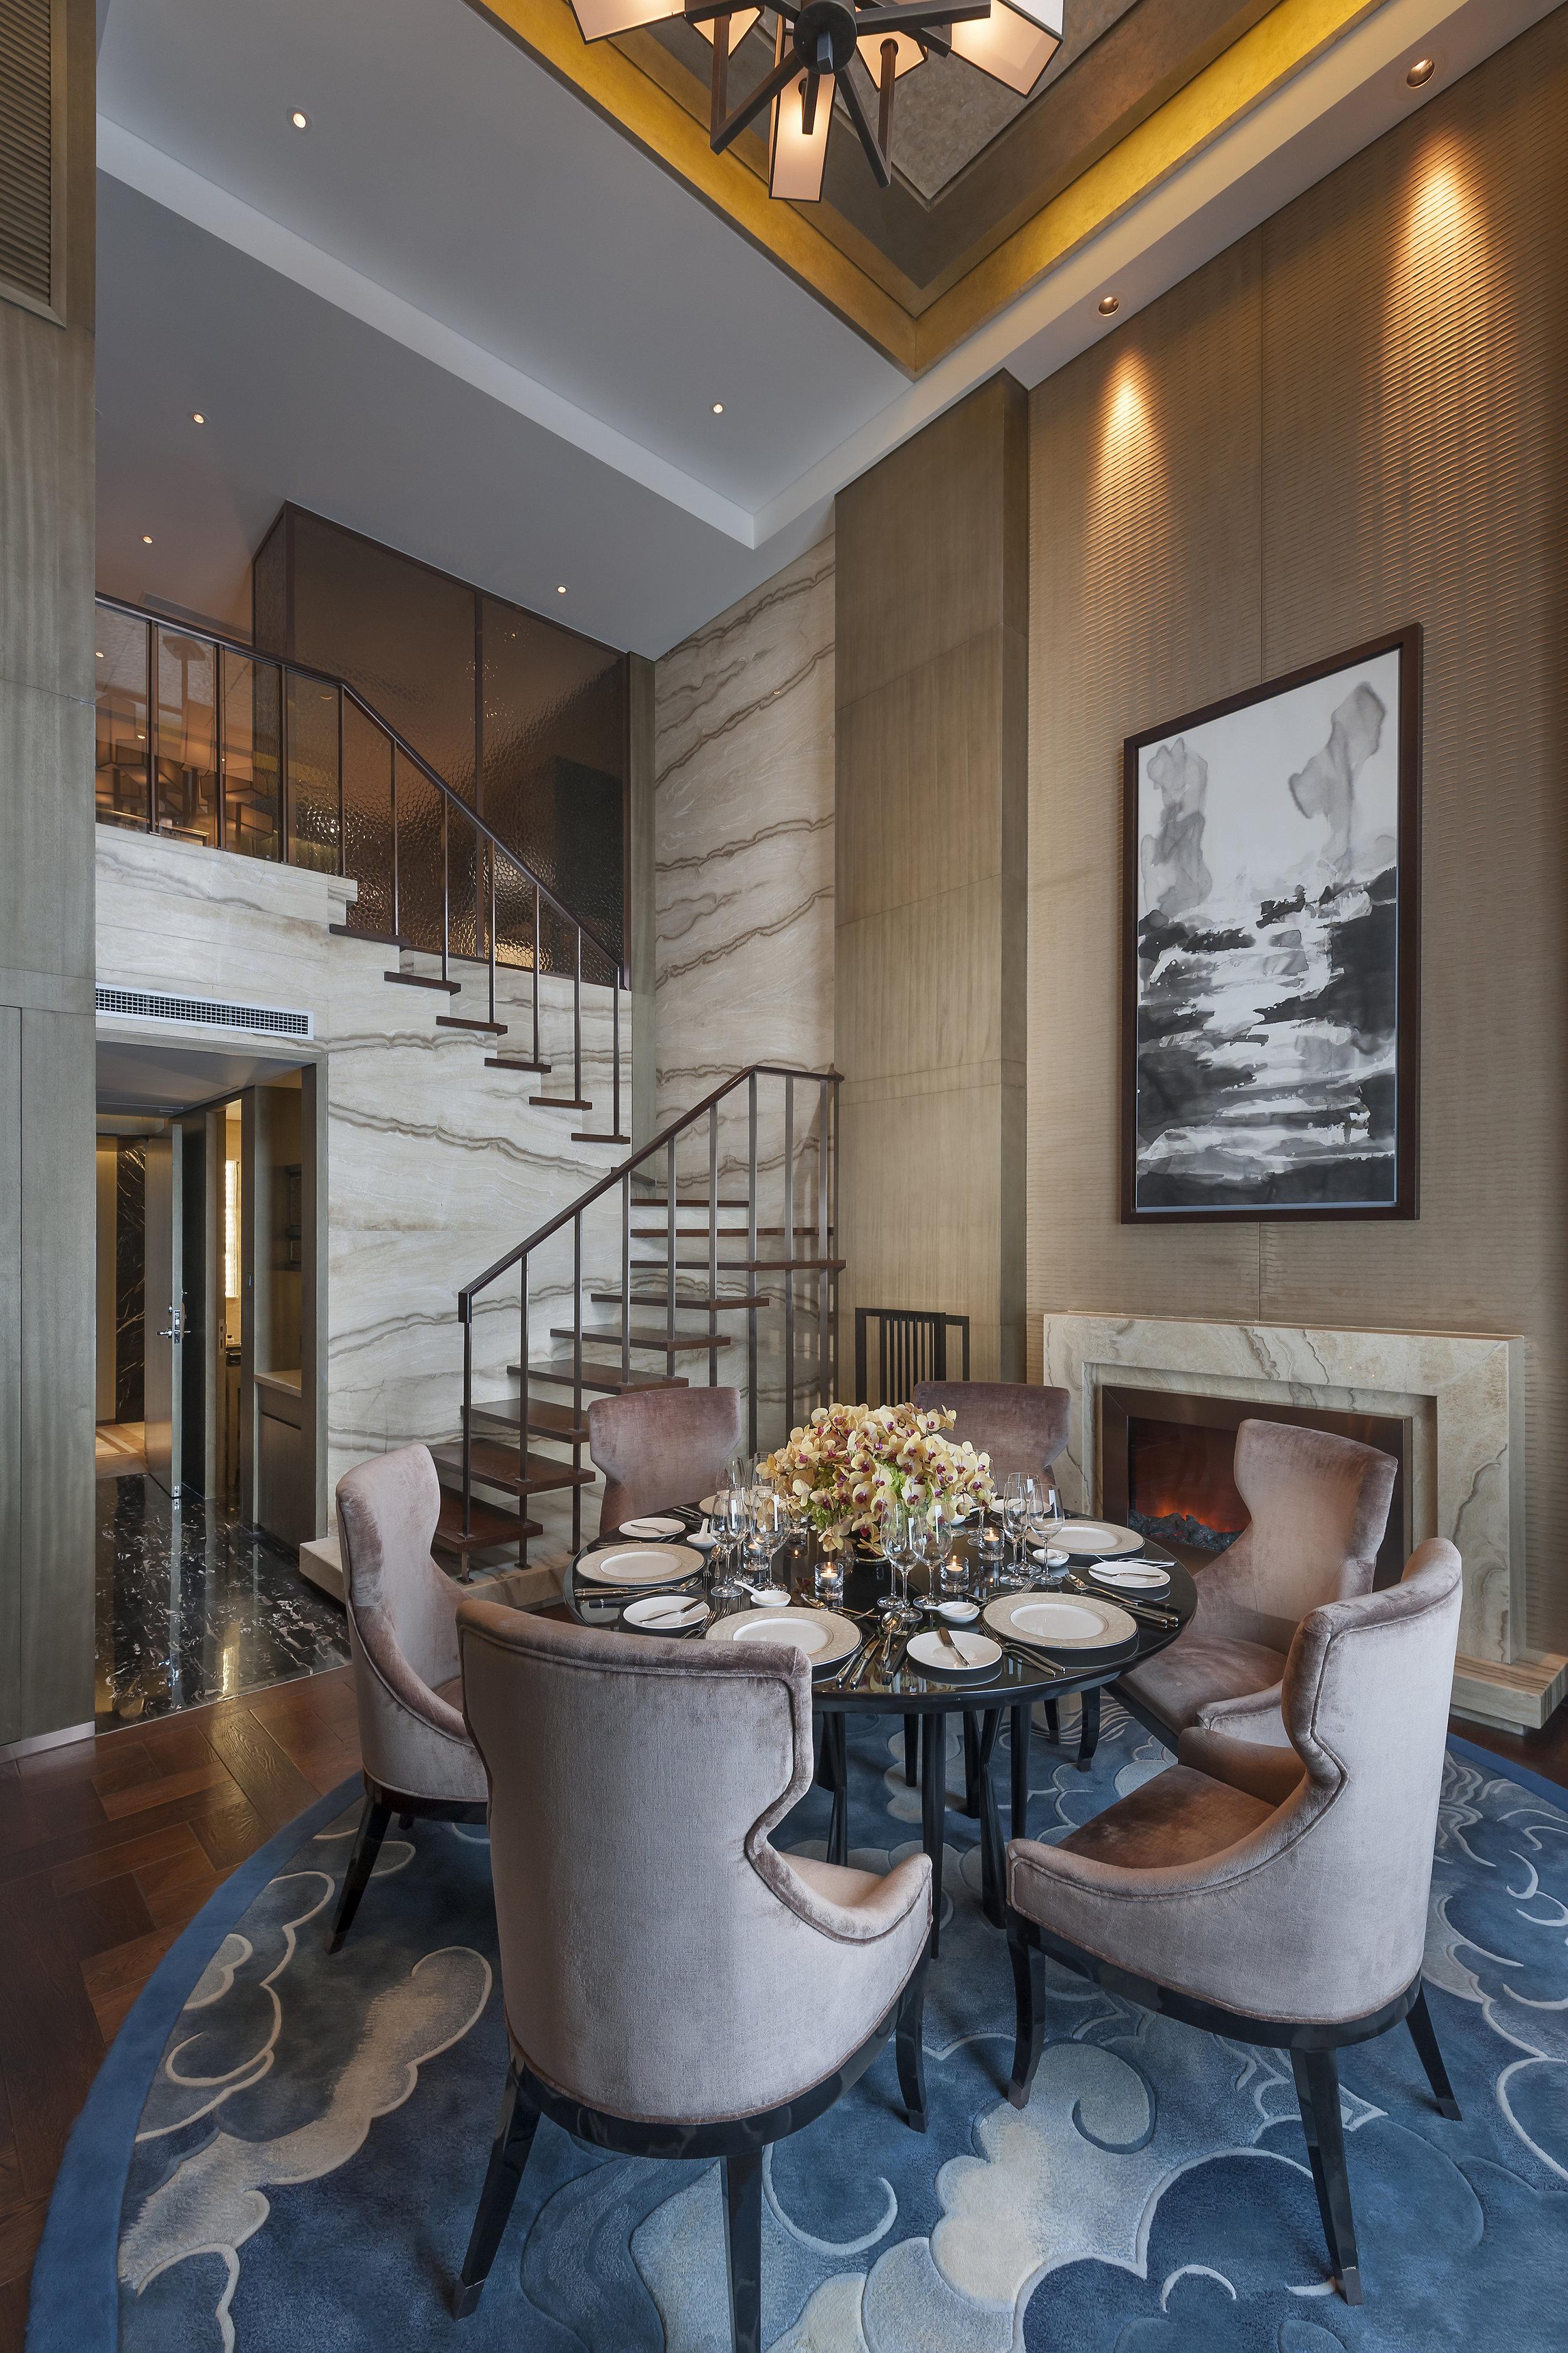 shanghai-suite-oriental-dining-room.jpg